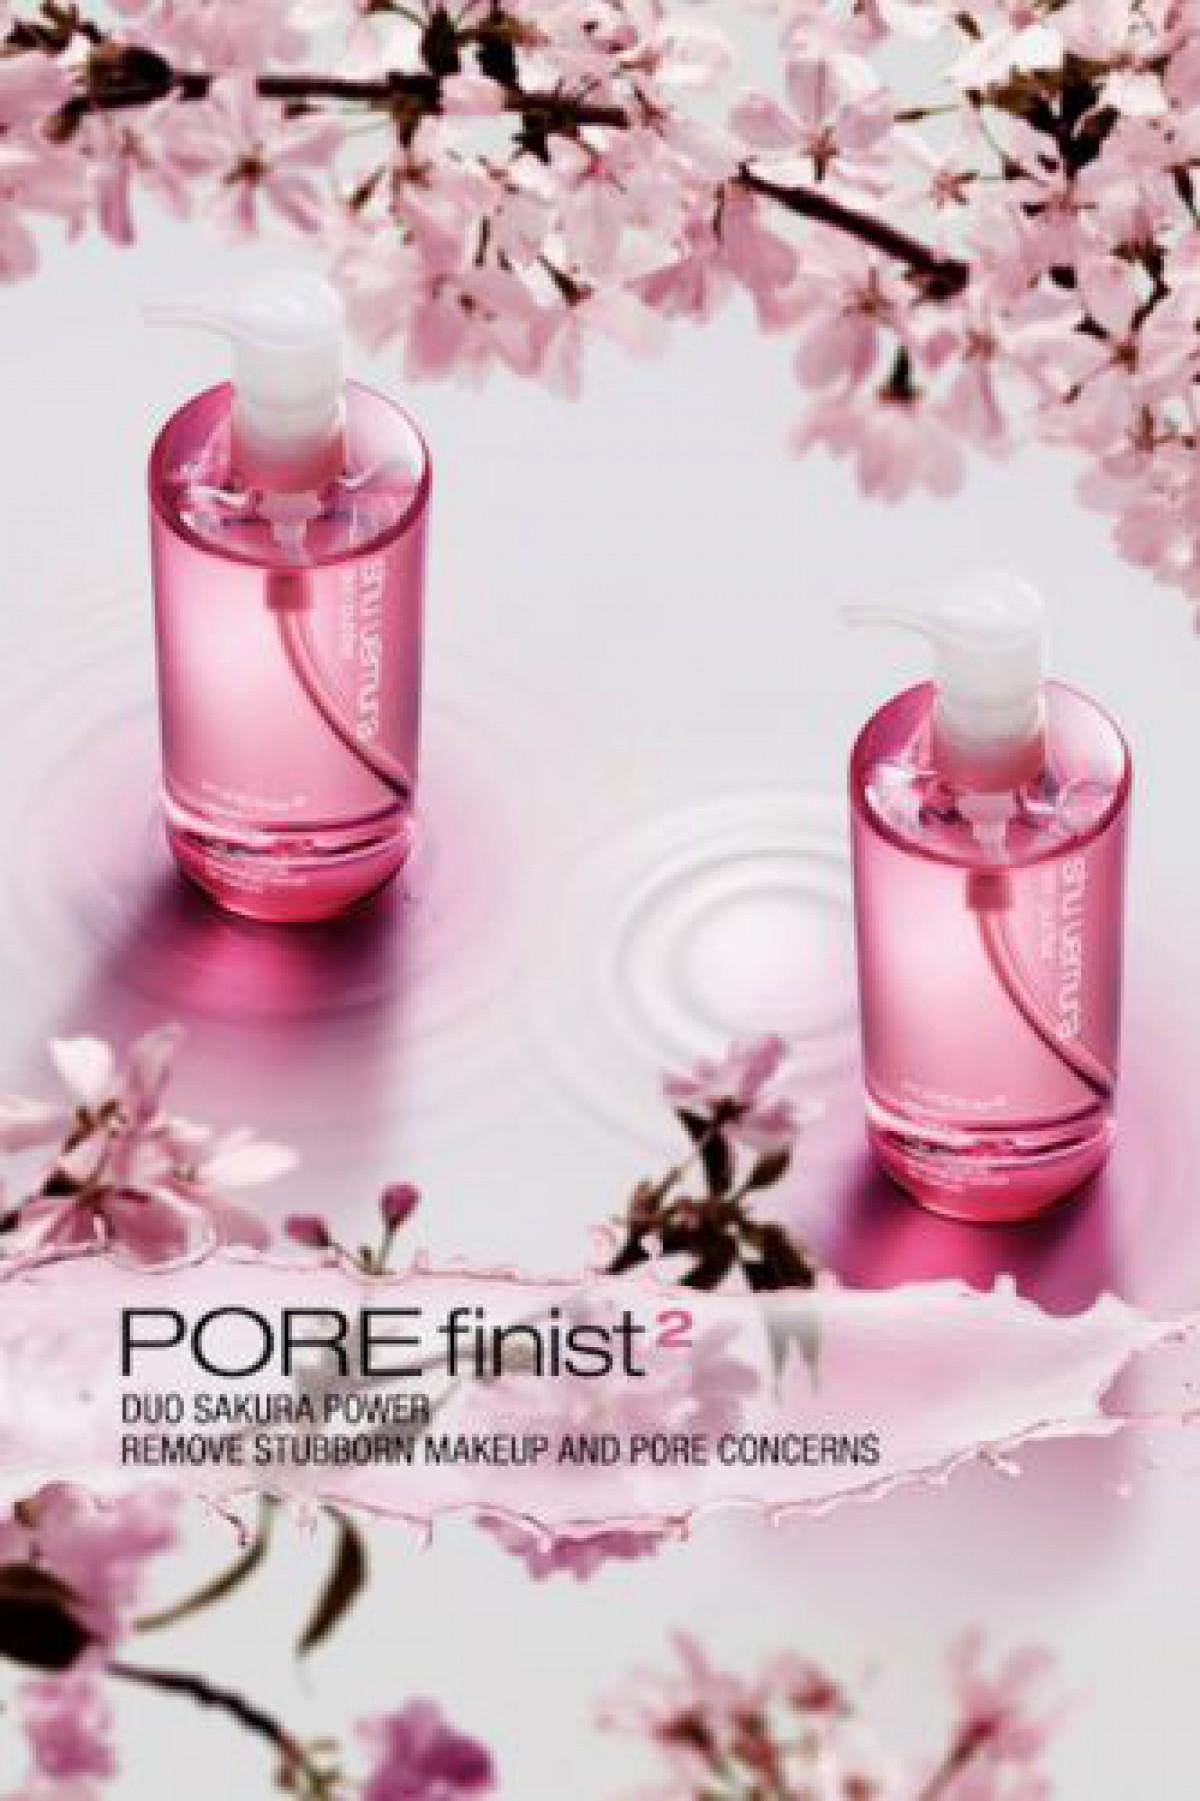 毛穴に悩むひと必見。角栓まできれいに洗い上げる、春の香りクレンジングが新発売